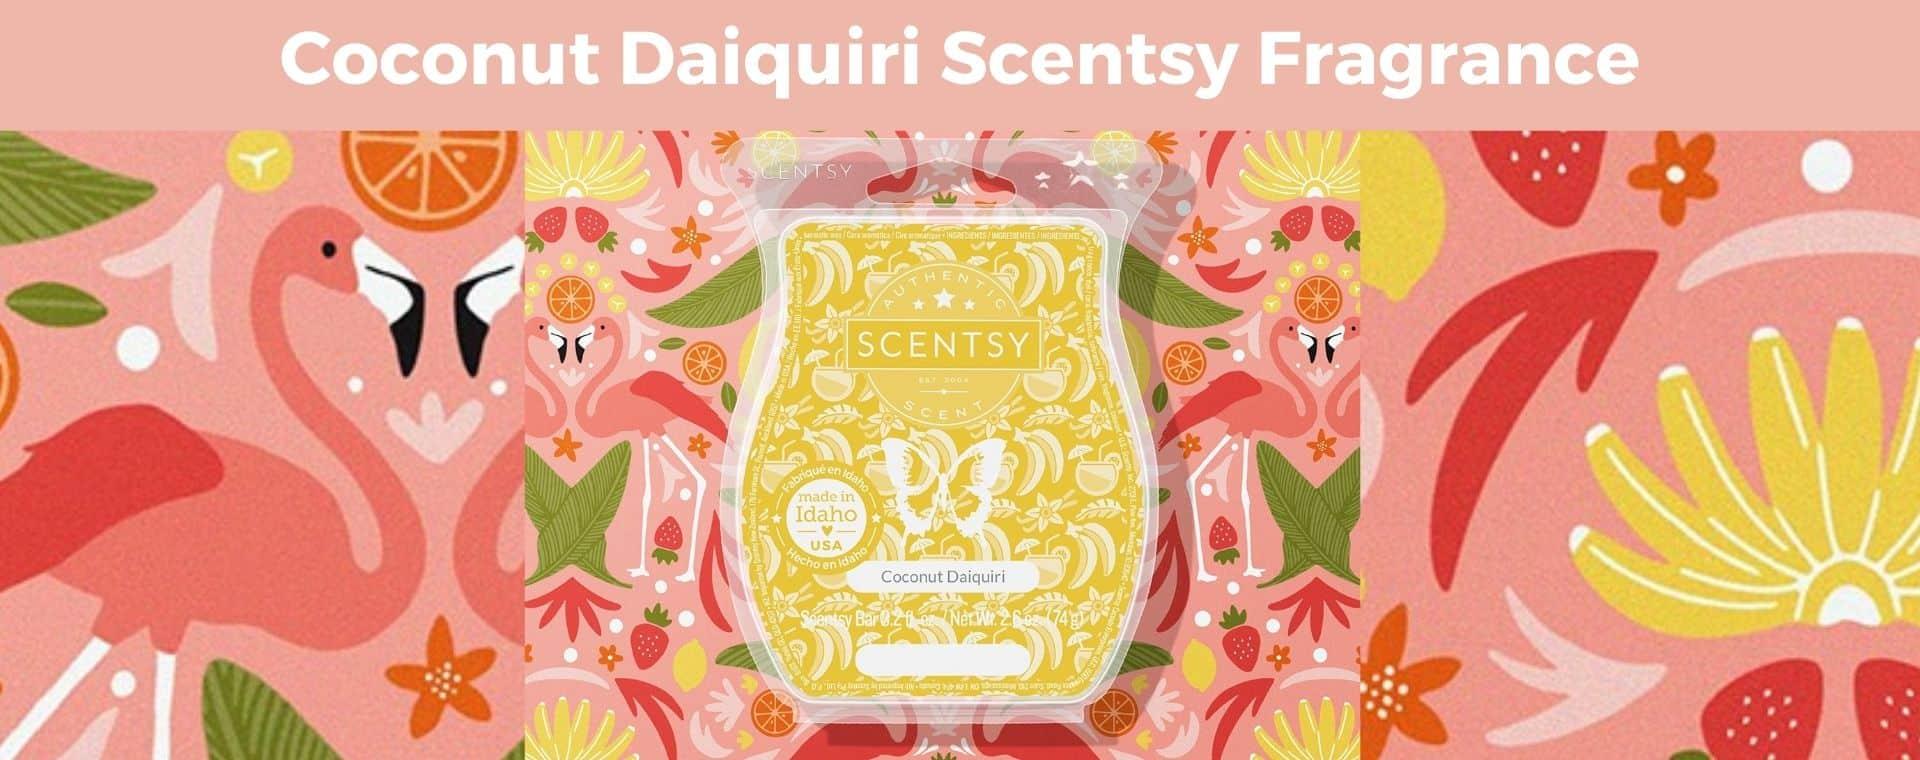 Coconut Daiquiri Scentsy Fragrance